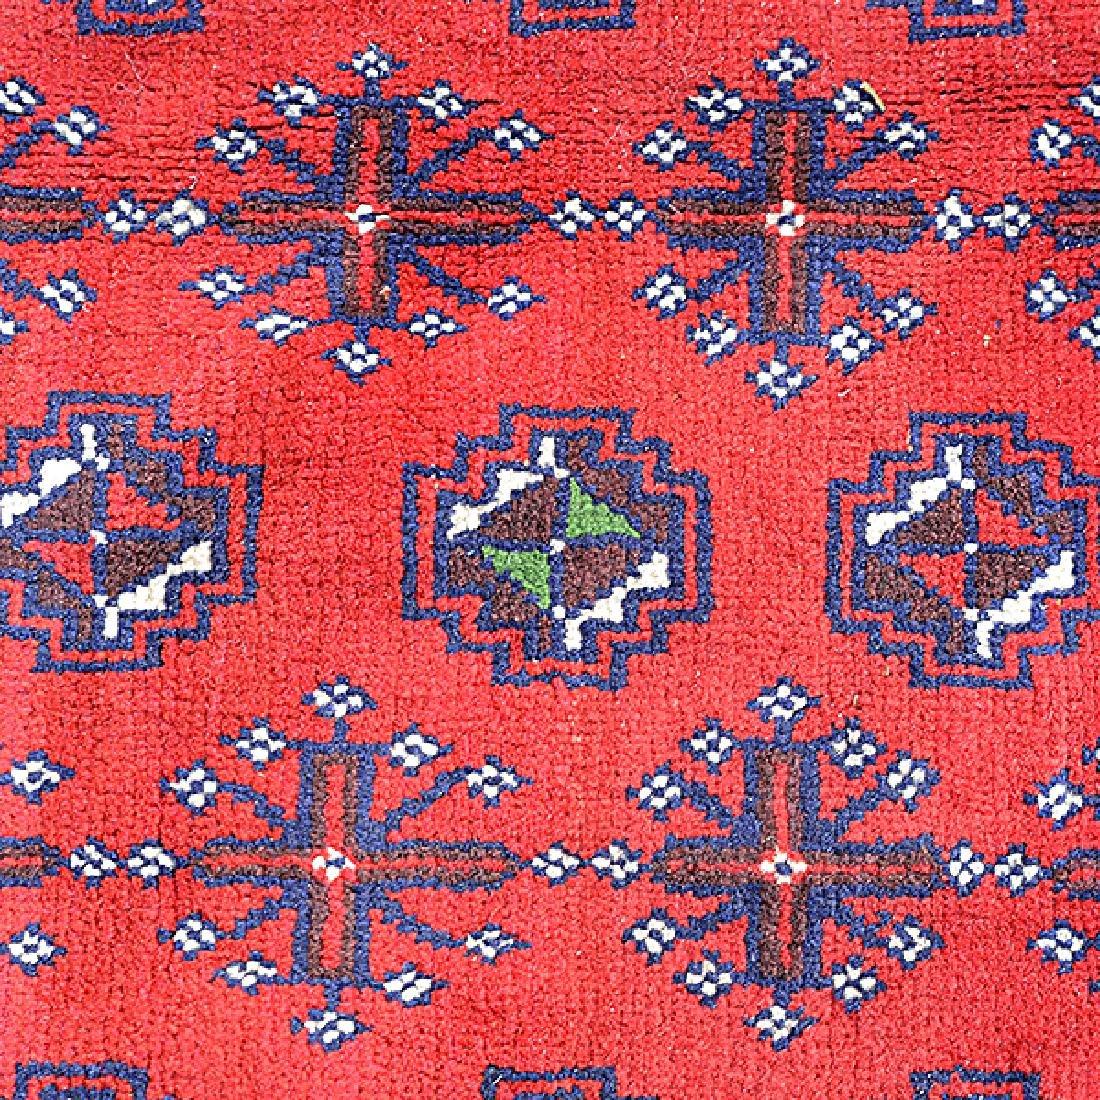 Beshir Carpet: 5 feet x 9 feet 8 inches - 5